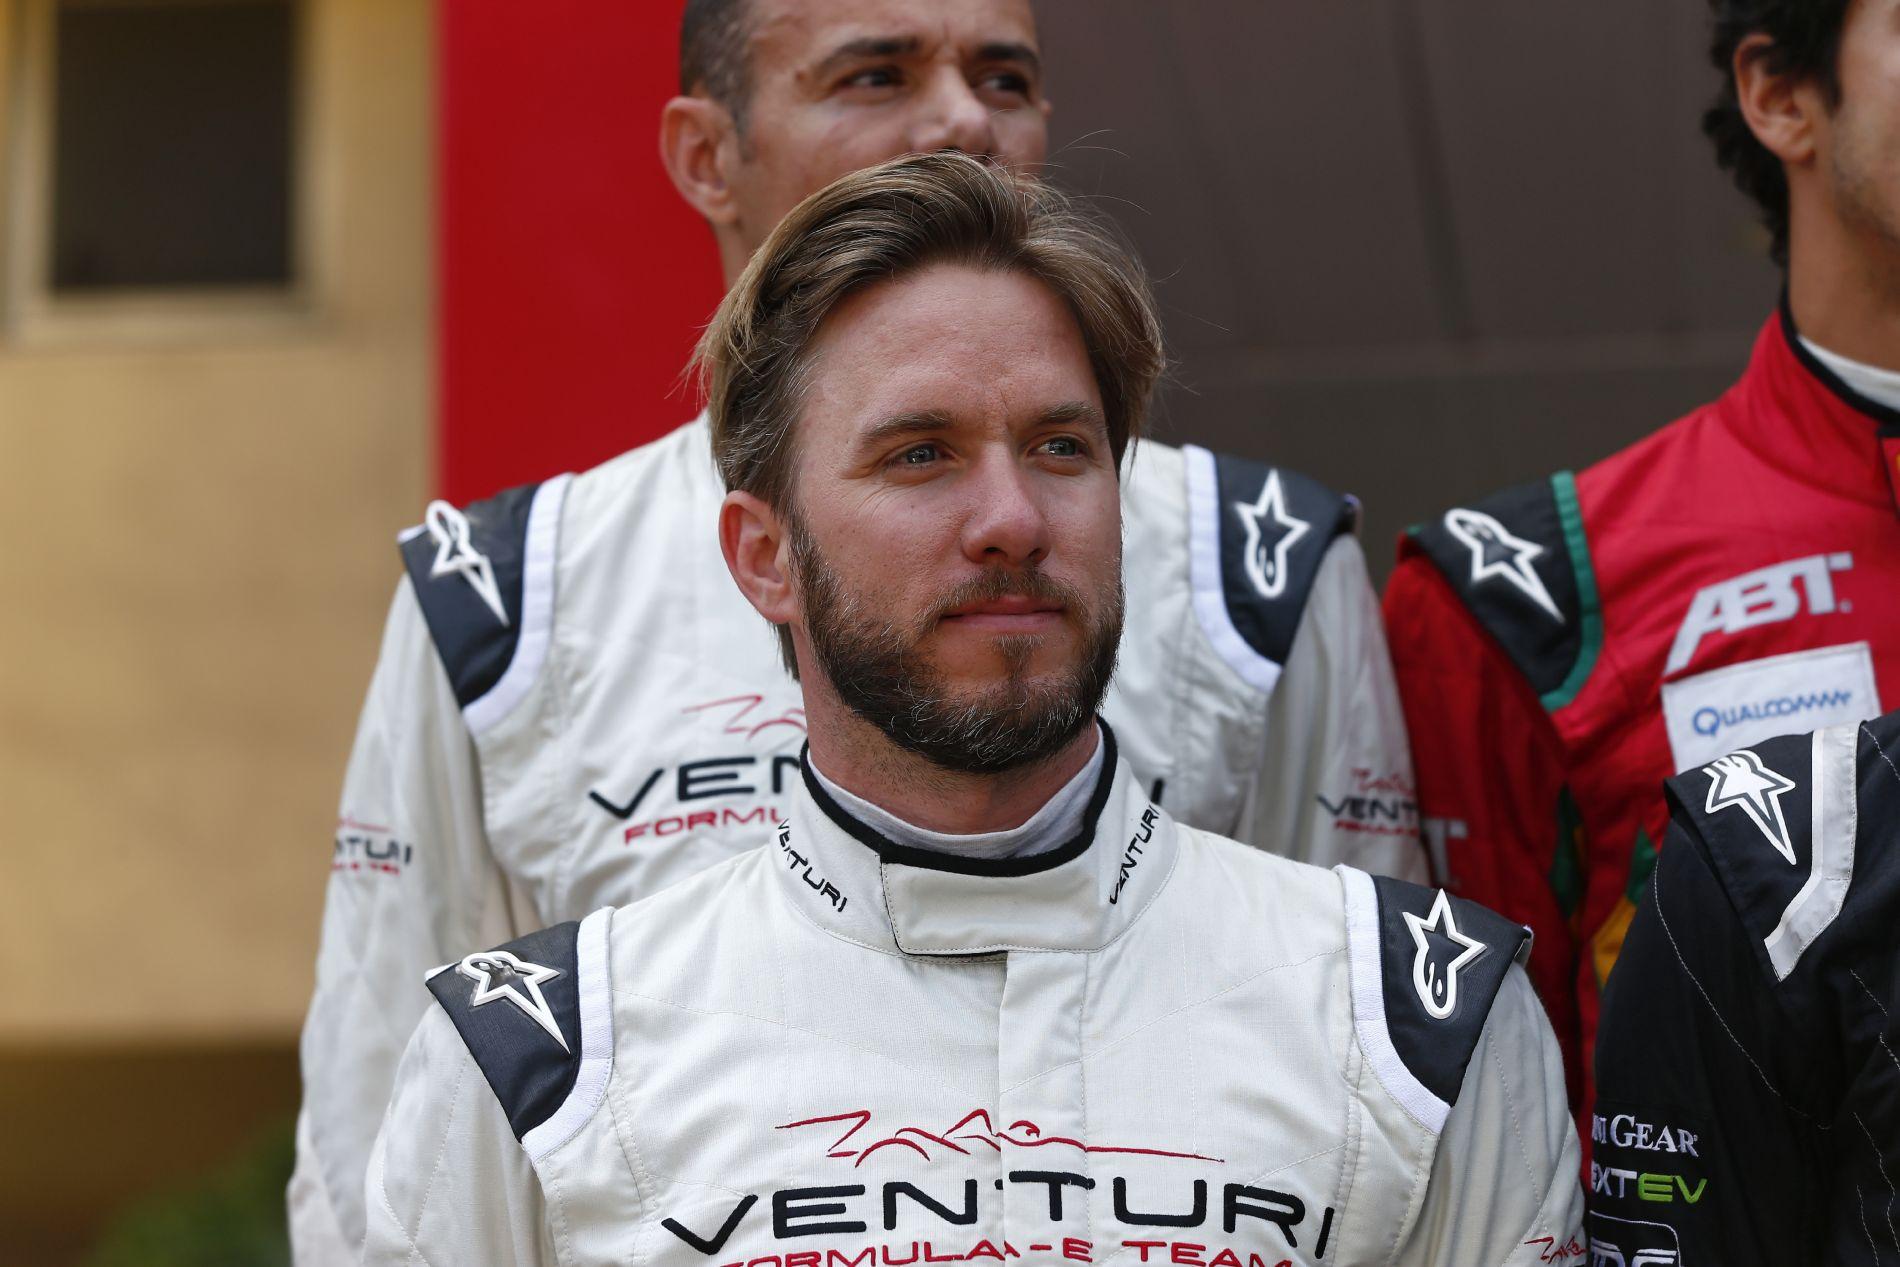 Hamilton fizetéséből kijön a Formula E teljes büdzséje?!